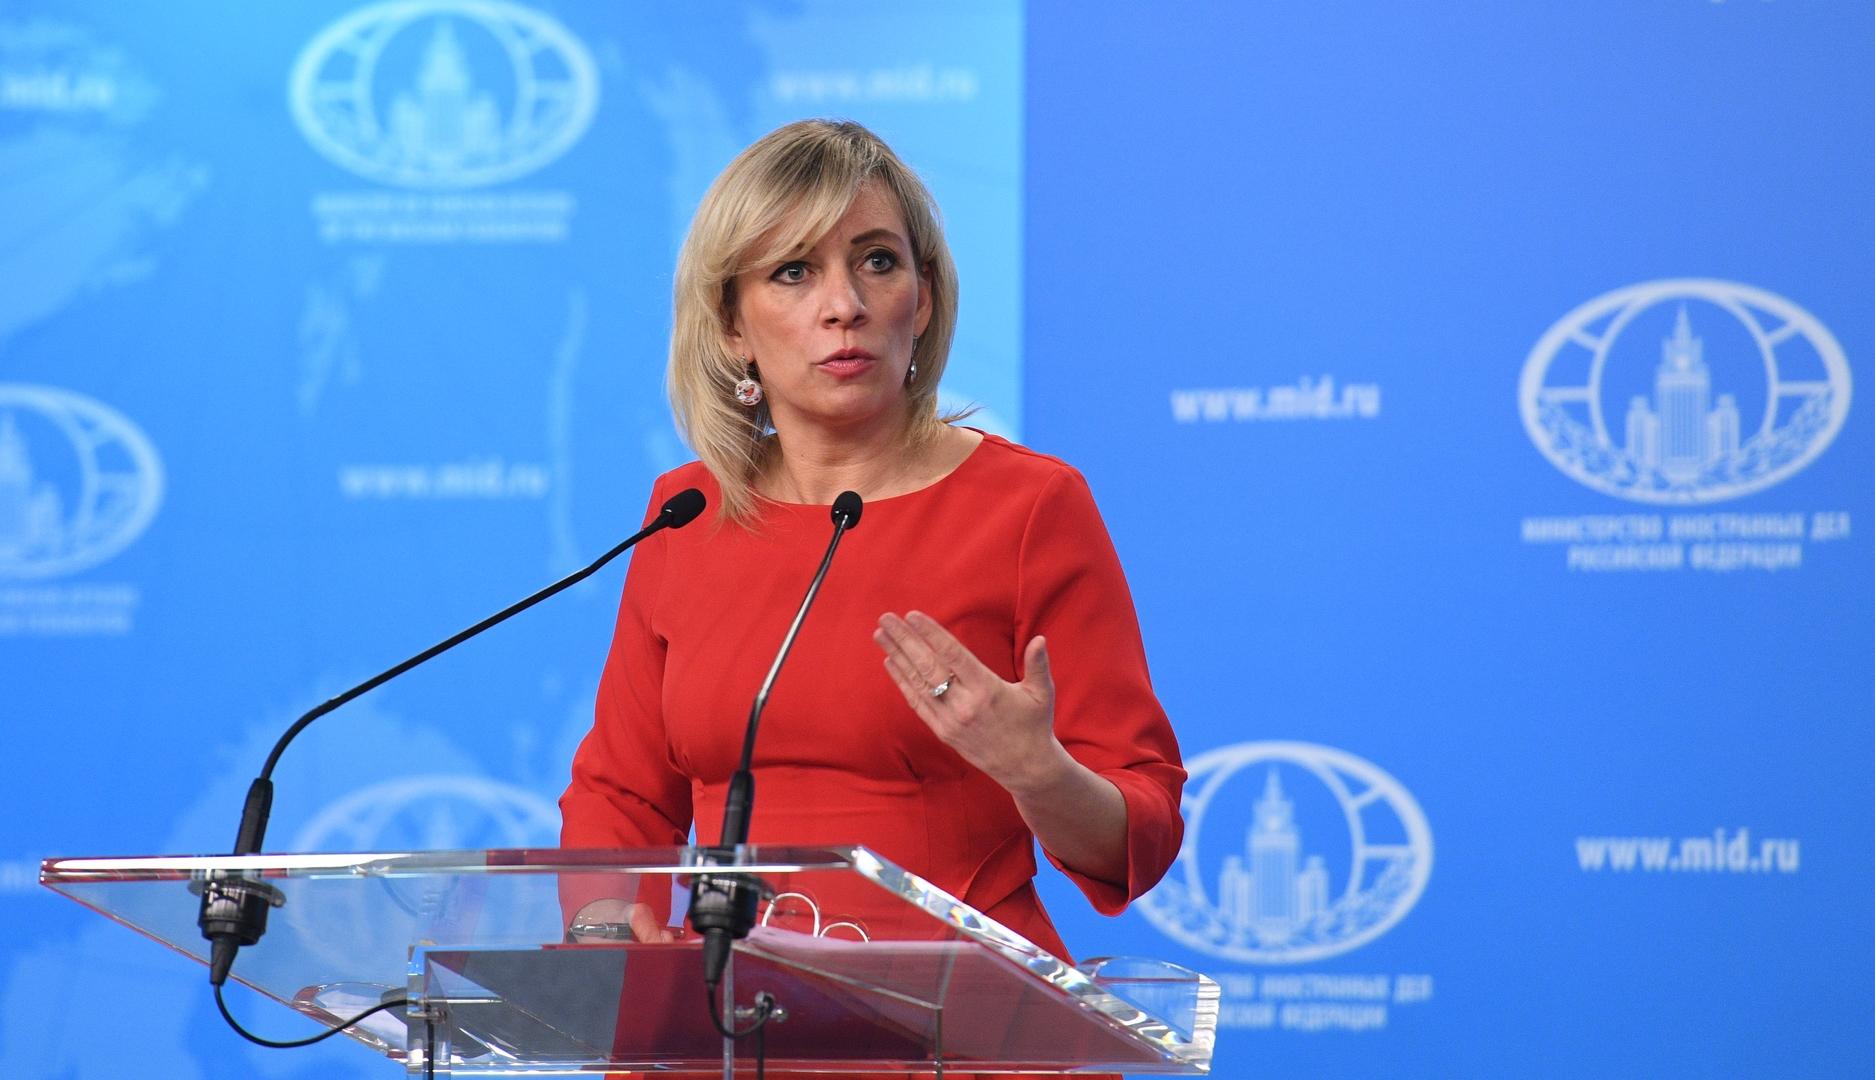 موسكو ترد على  إلغاء الإعفاءات الأمريكية فيما يخص المشاريع النووية الإيرانية